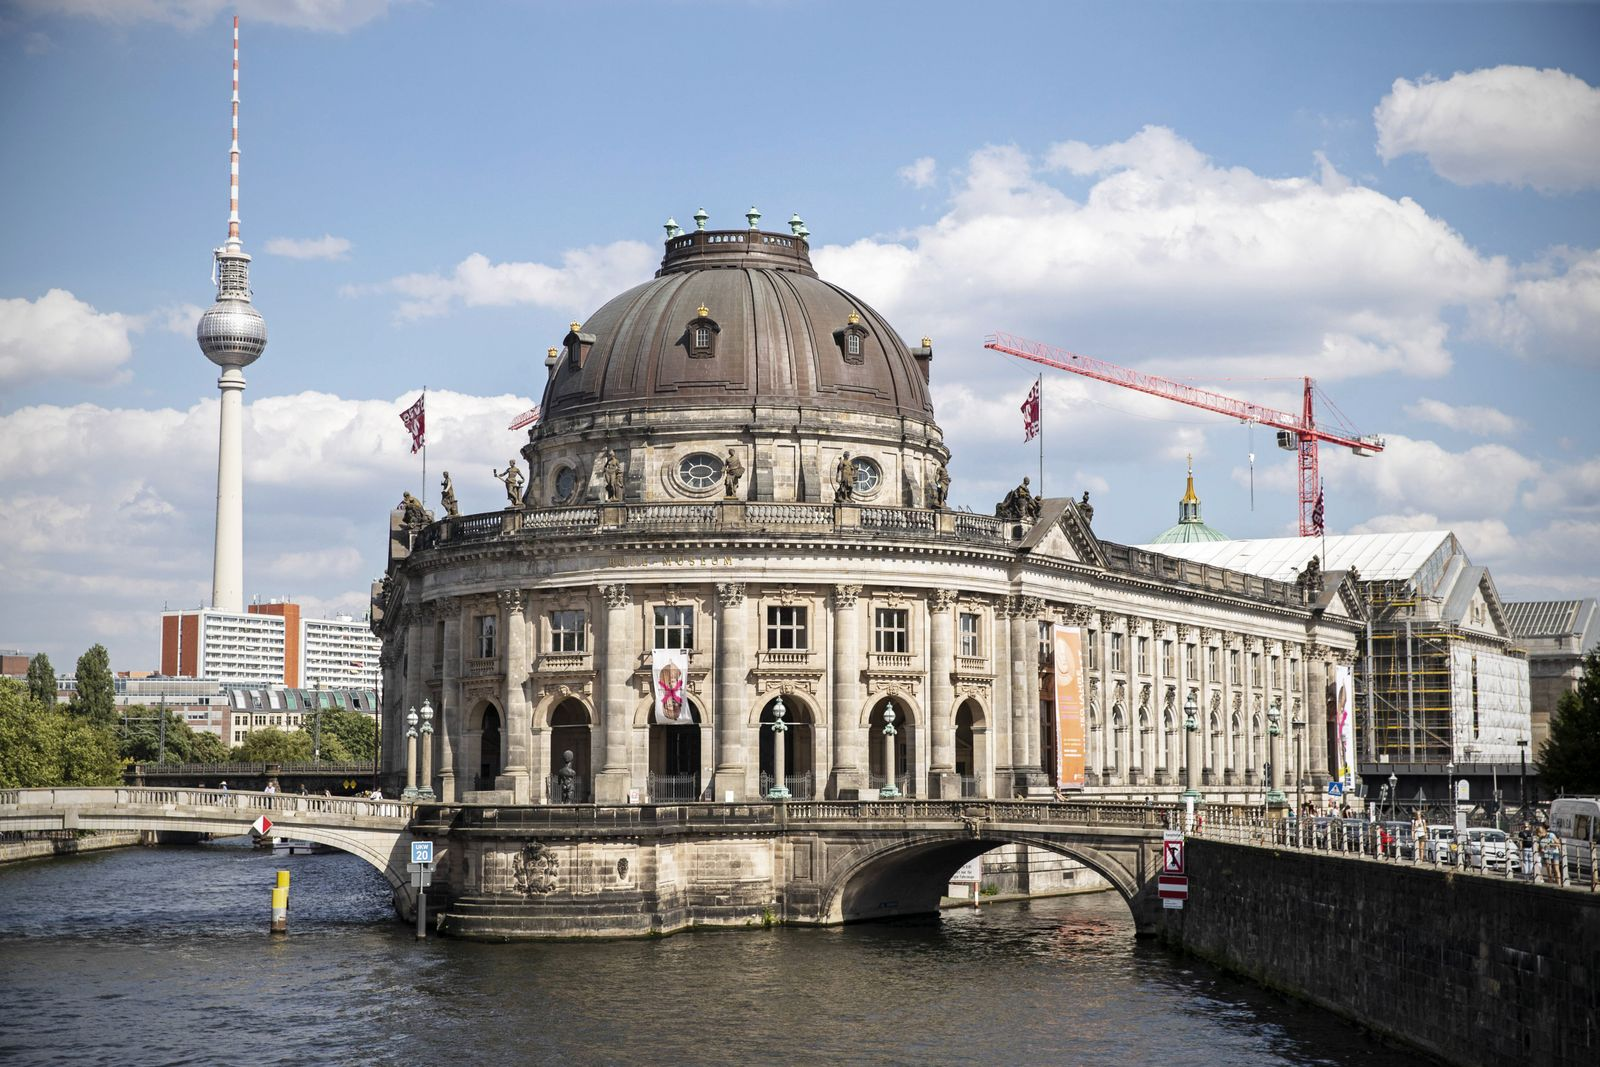 Bode Museum in Berlin am 1 Juli 2019 Bode Museum in Berlin *** Bode Museum in Berlin on 1 July 201